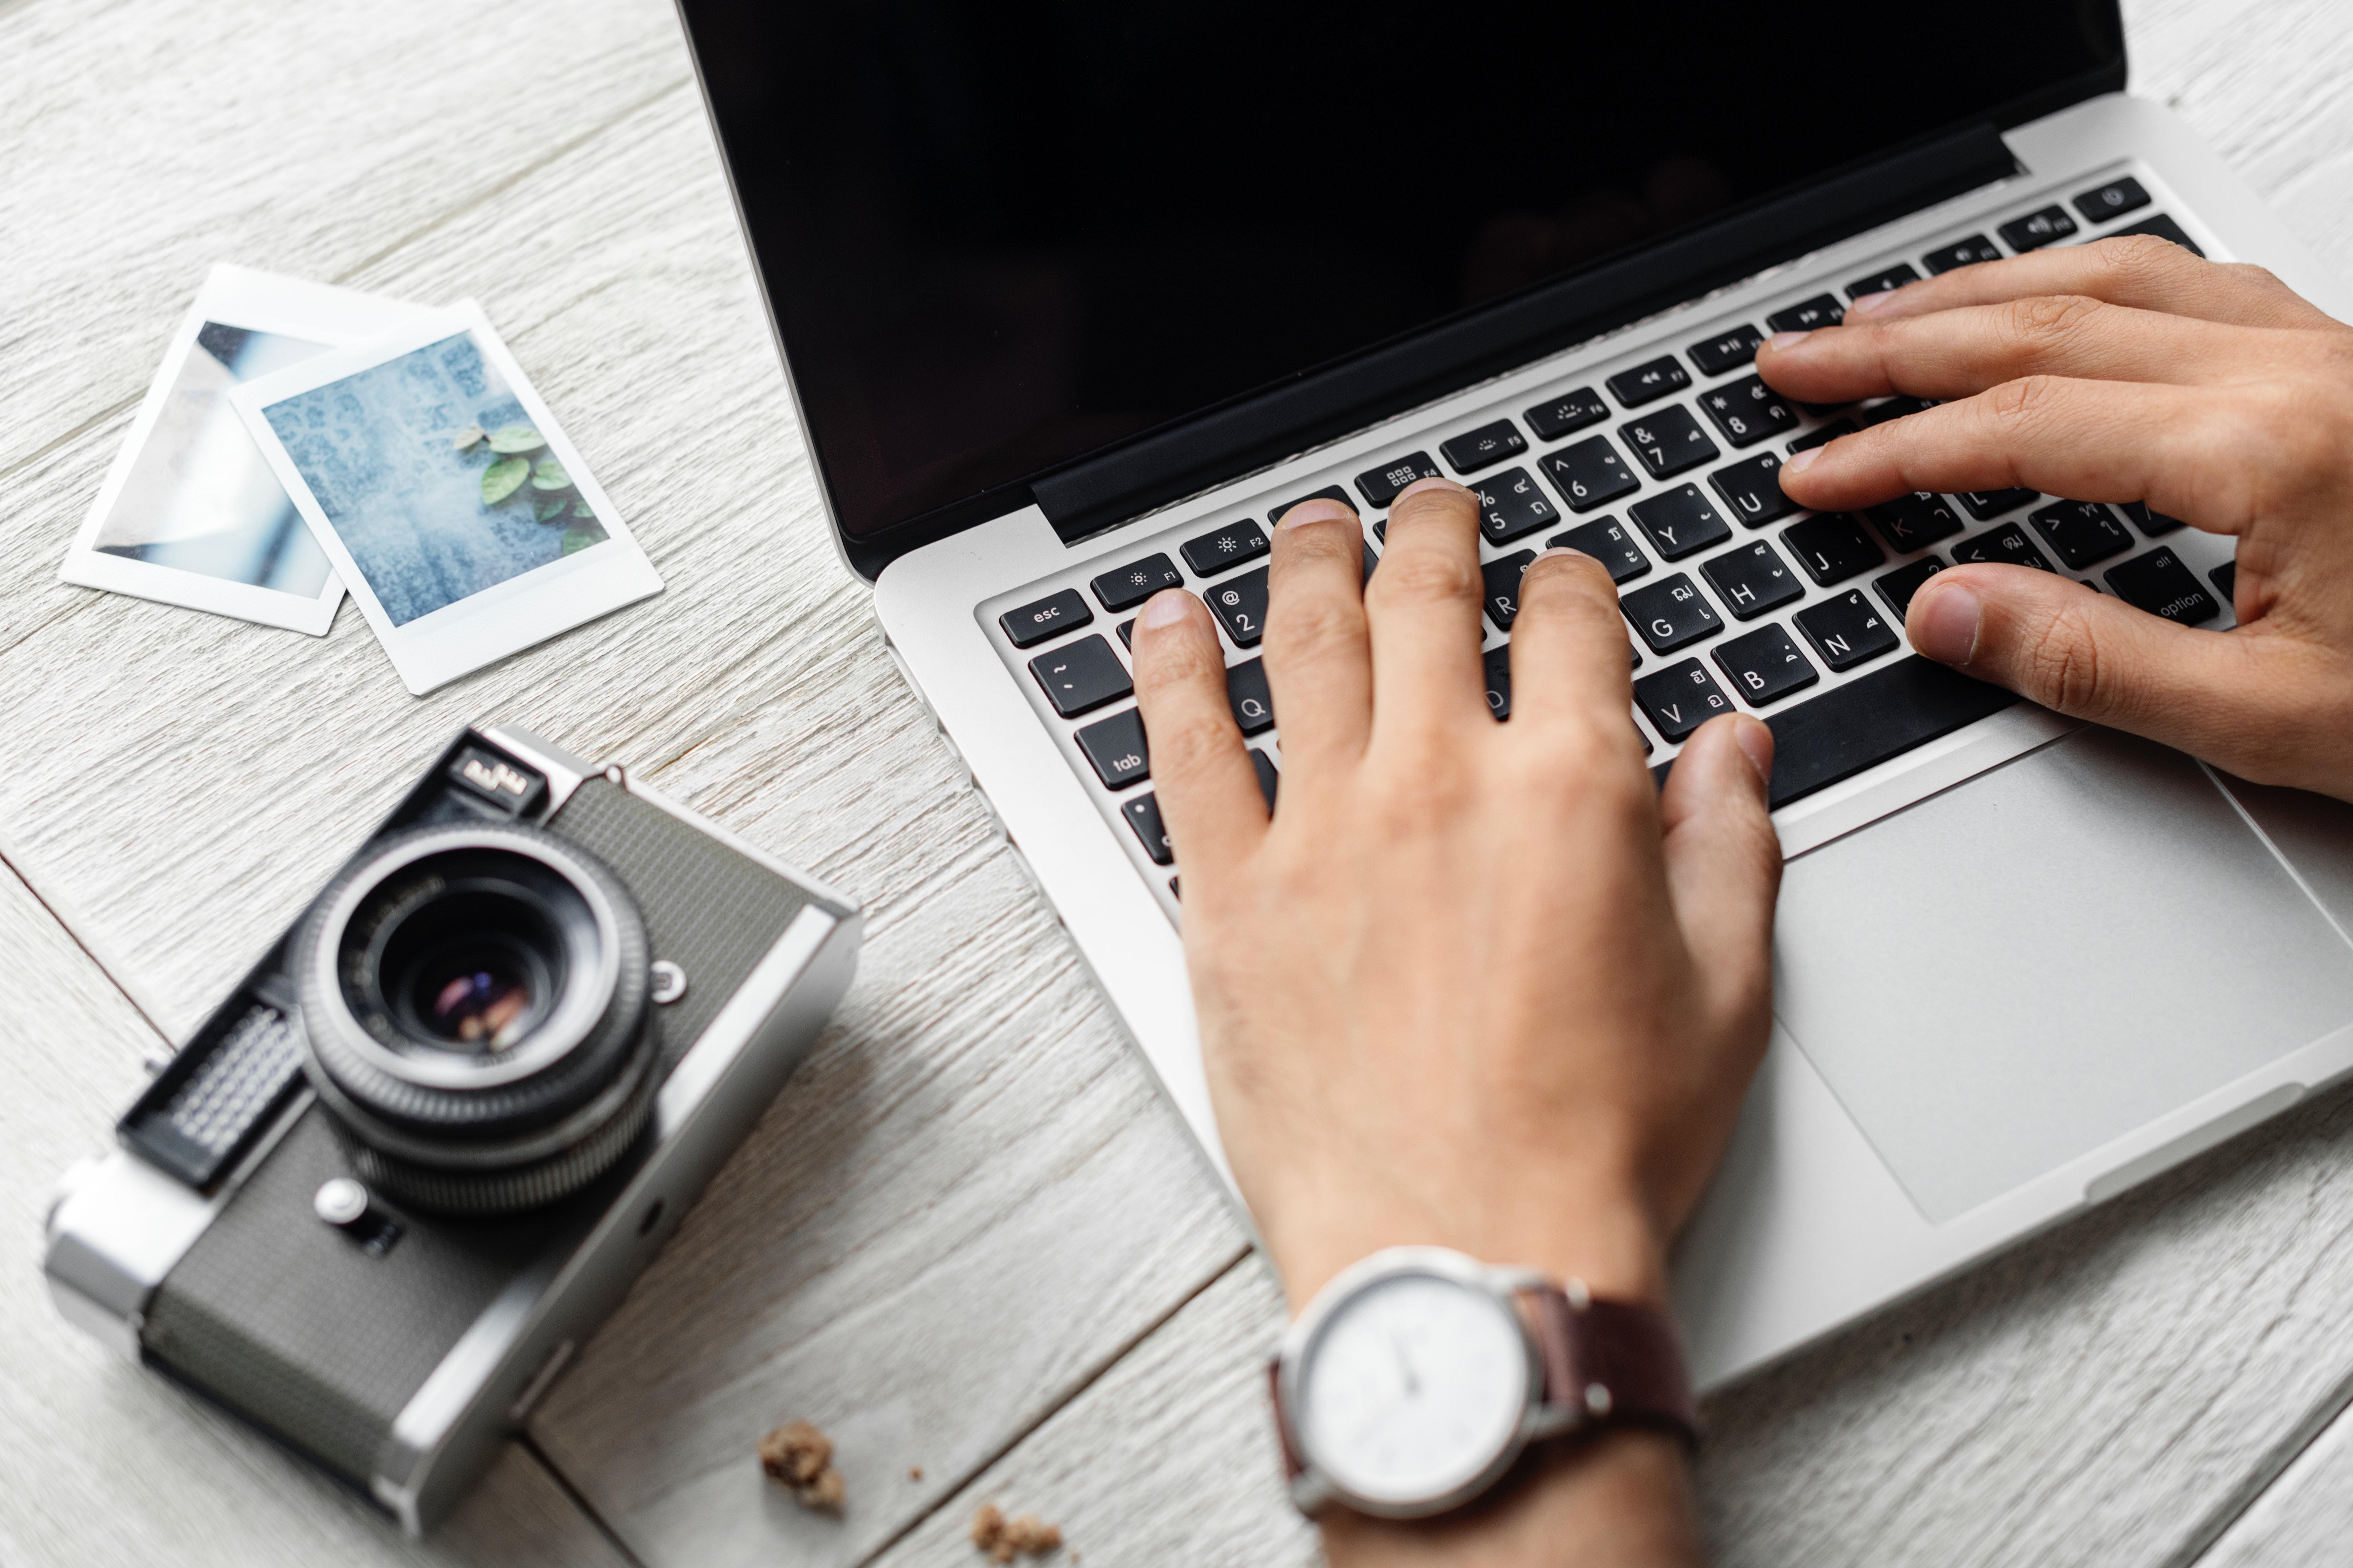 Canon Ip2820 Download Macbook Pro